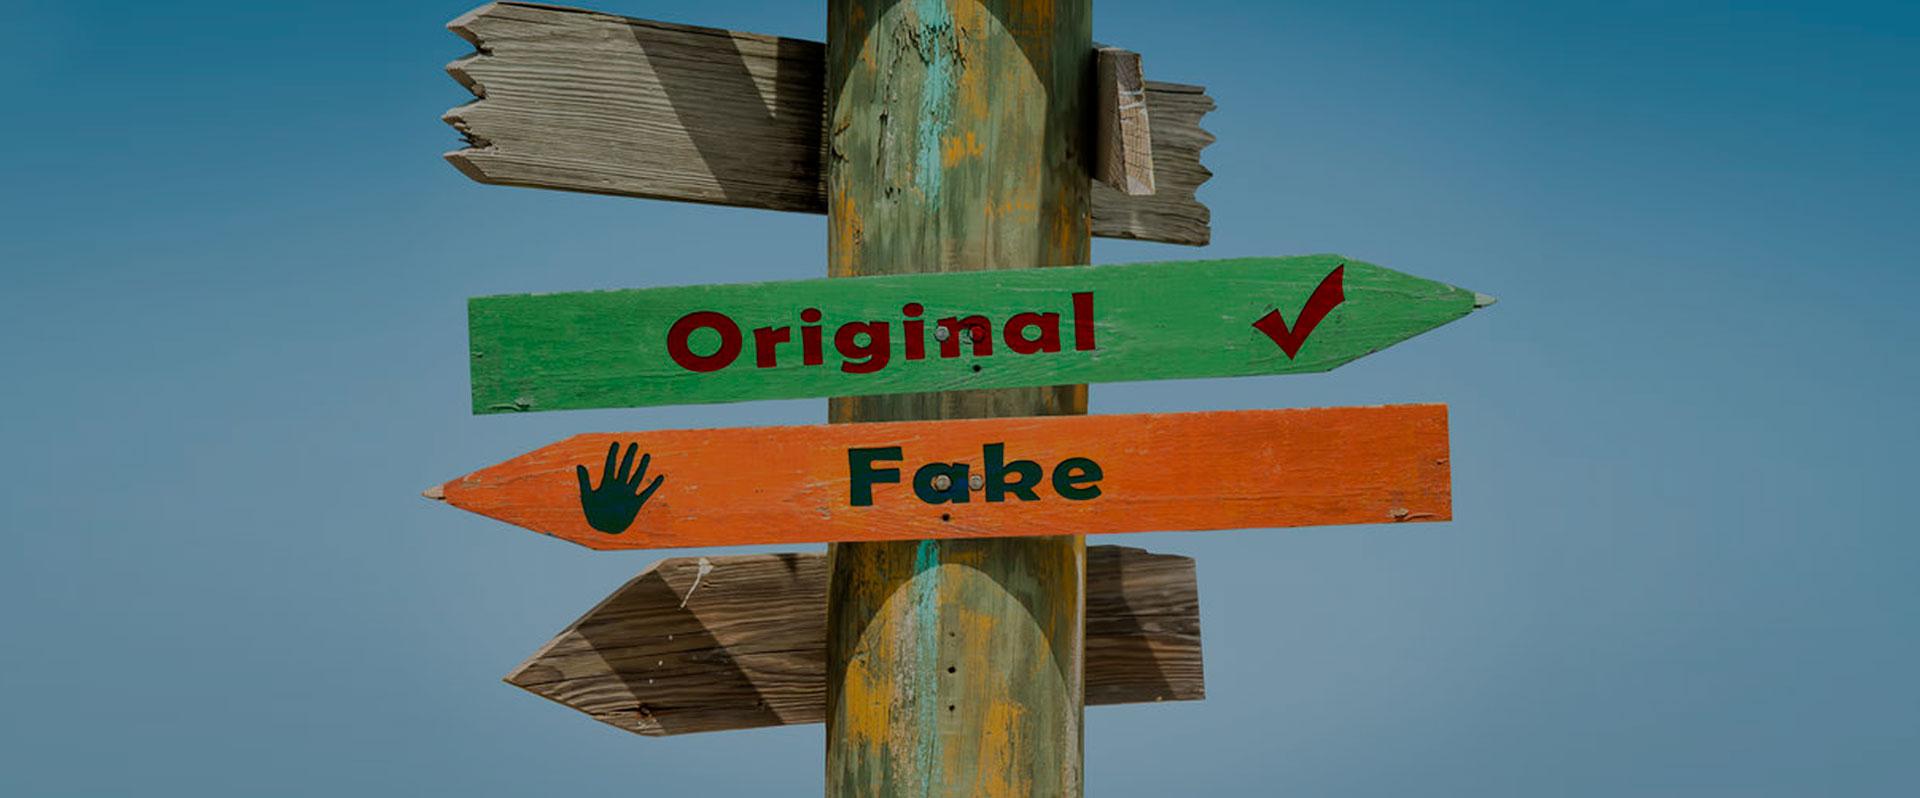 Expertos en falsificaciones y usurpación de marcas